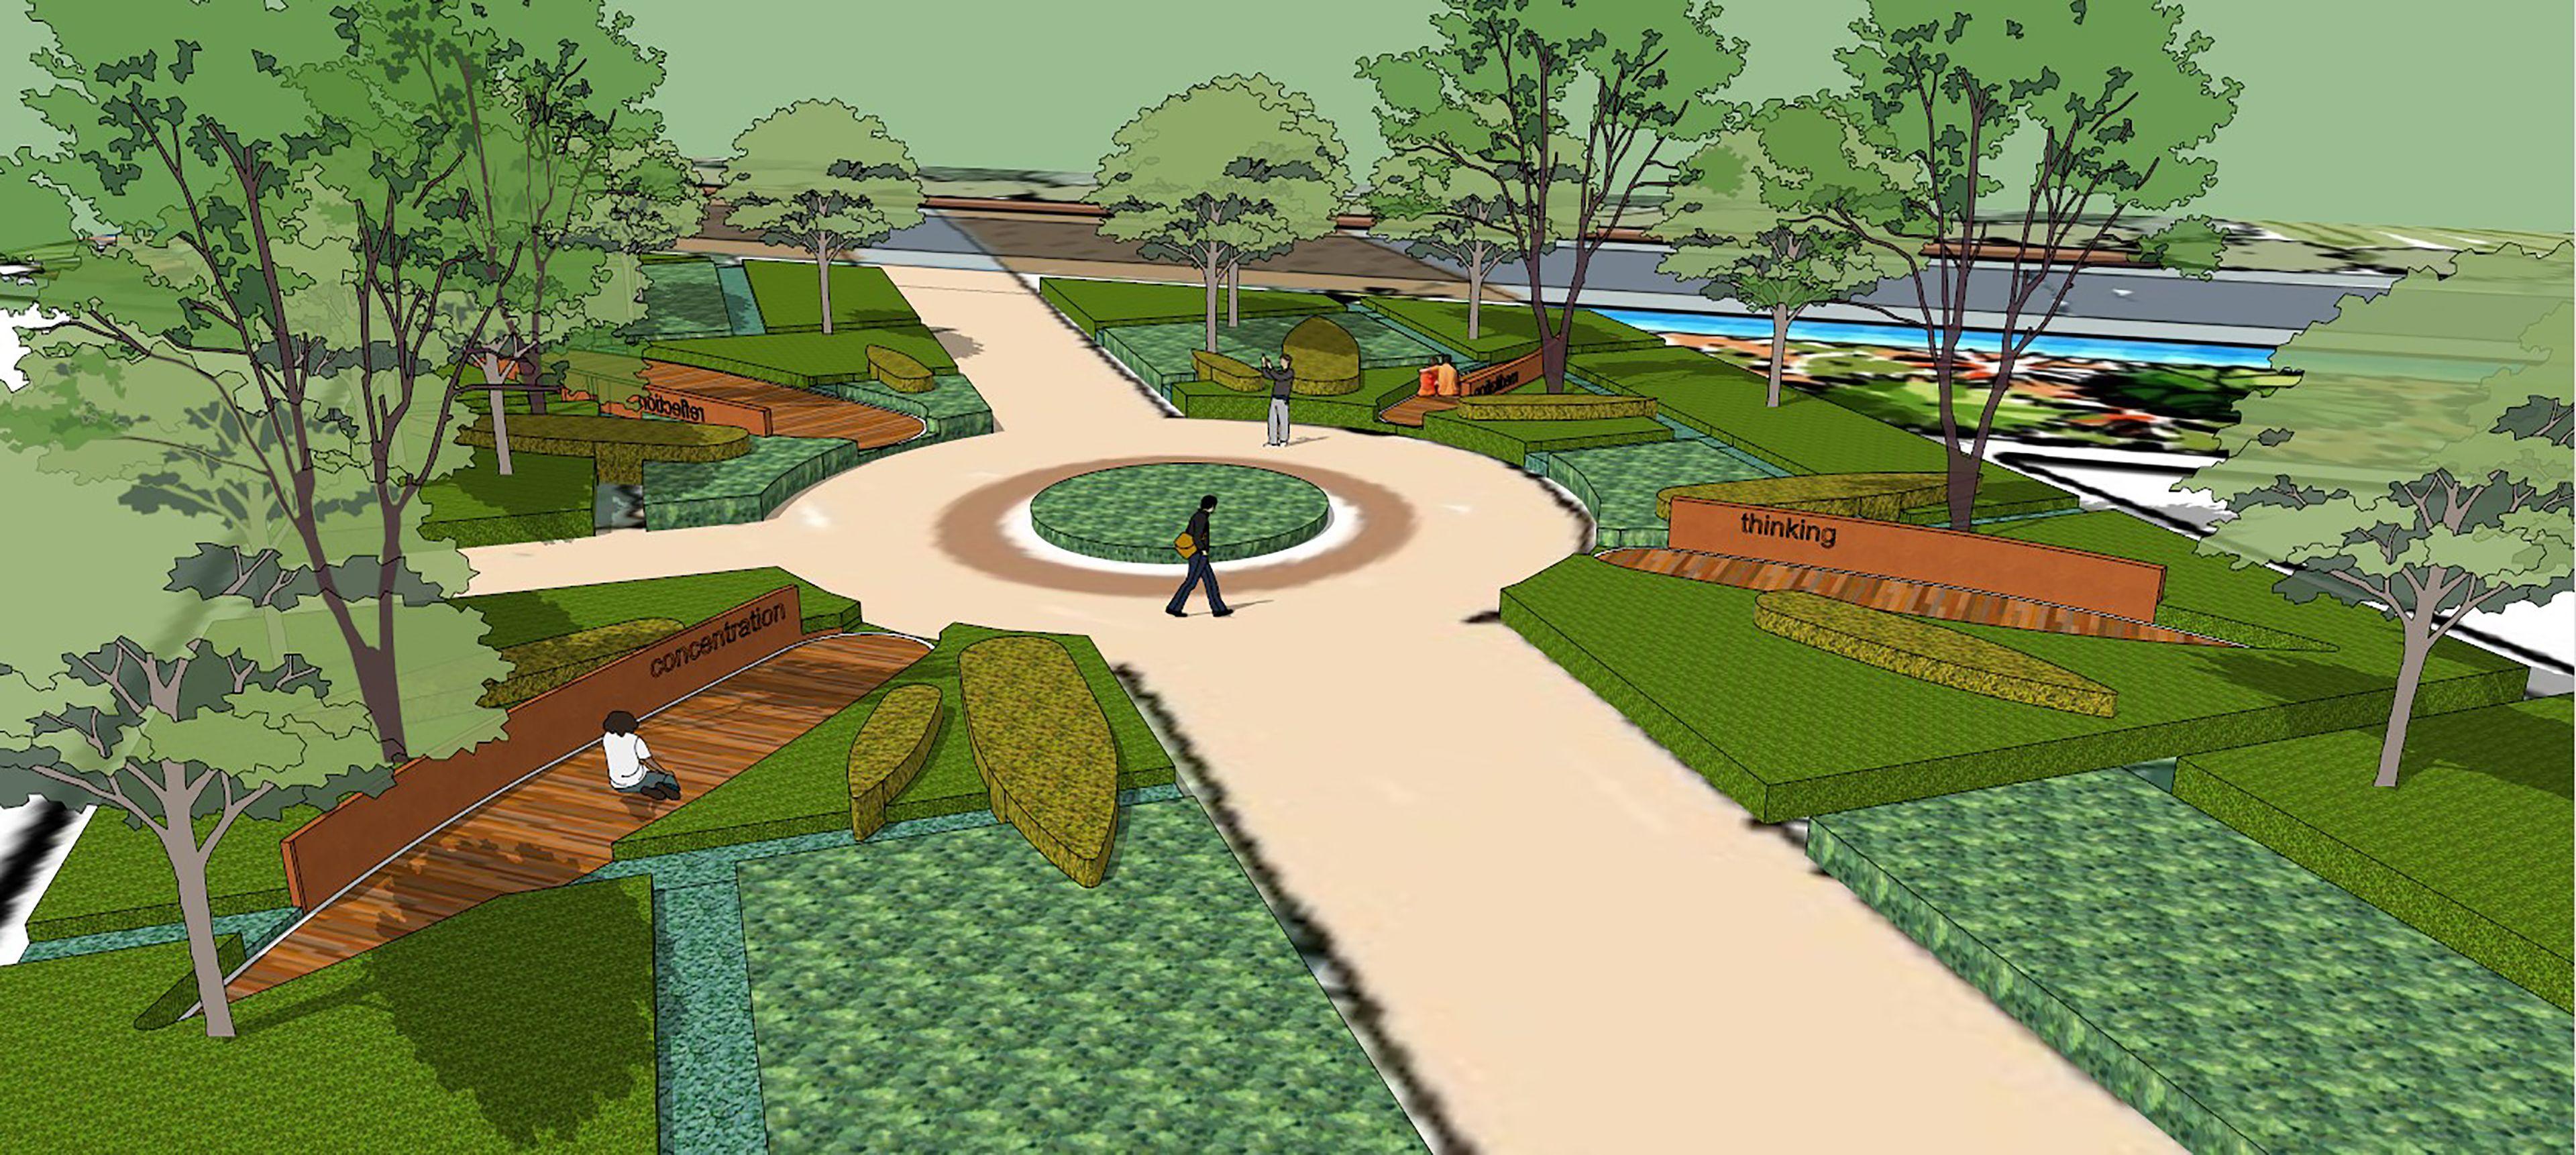 Landscape Design Perspective University Park Modern Landscape Step Landscape Design Curving Landscape Land Landscape Concept Landscape Modern Landscaping